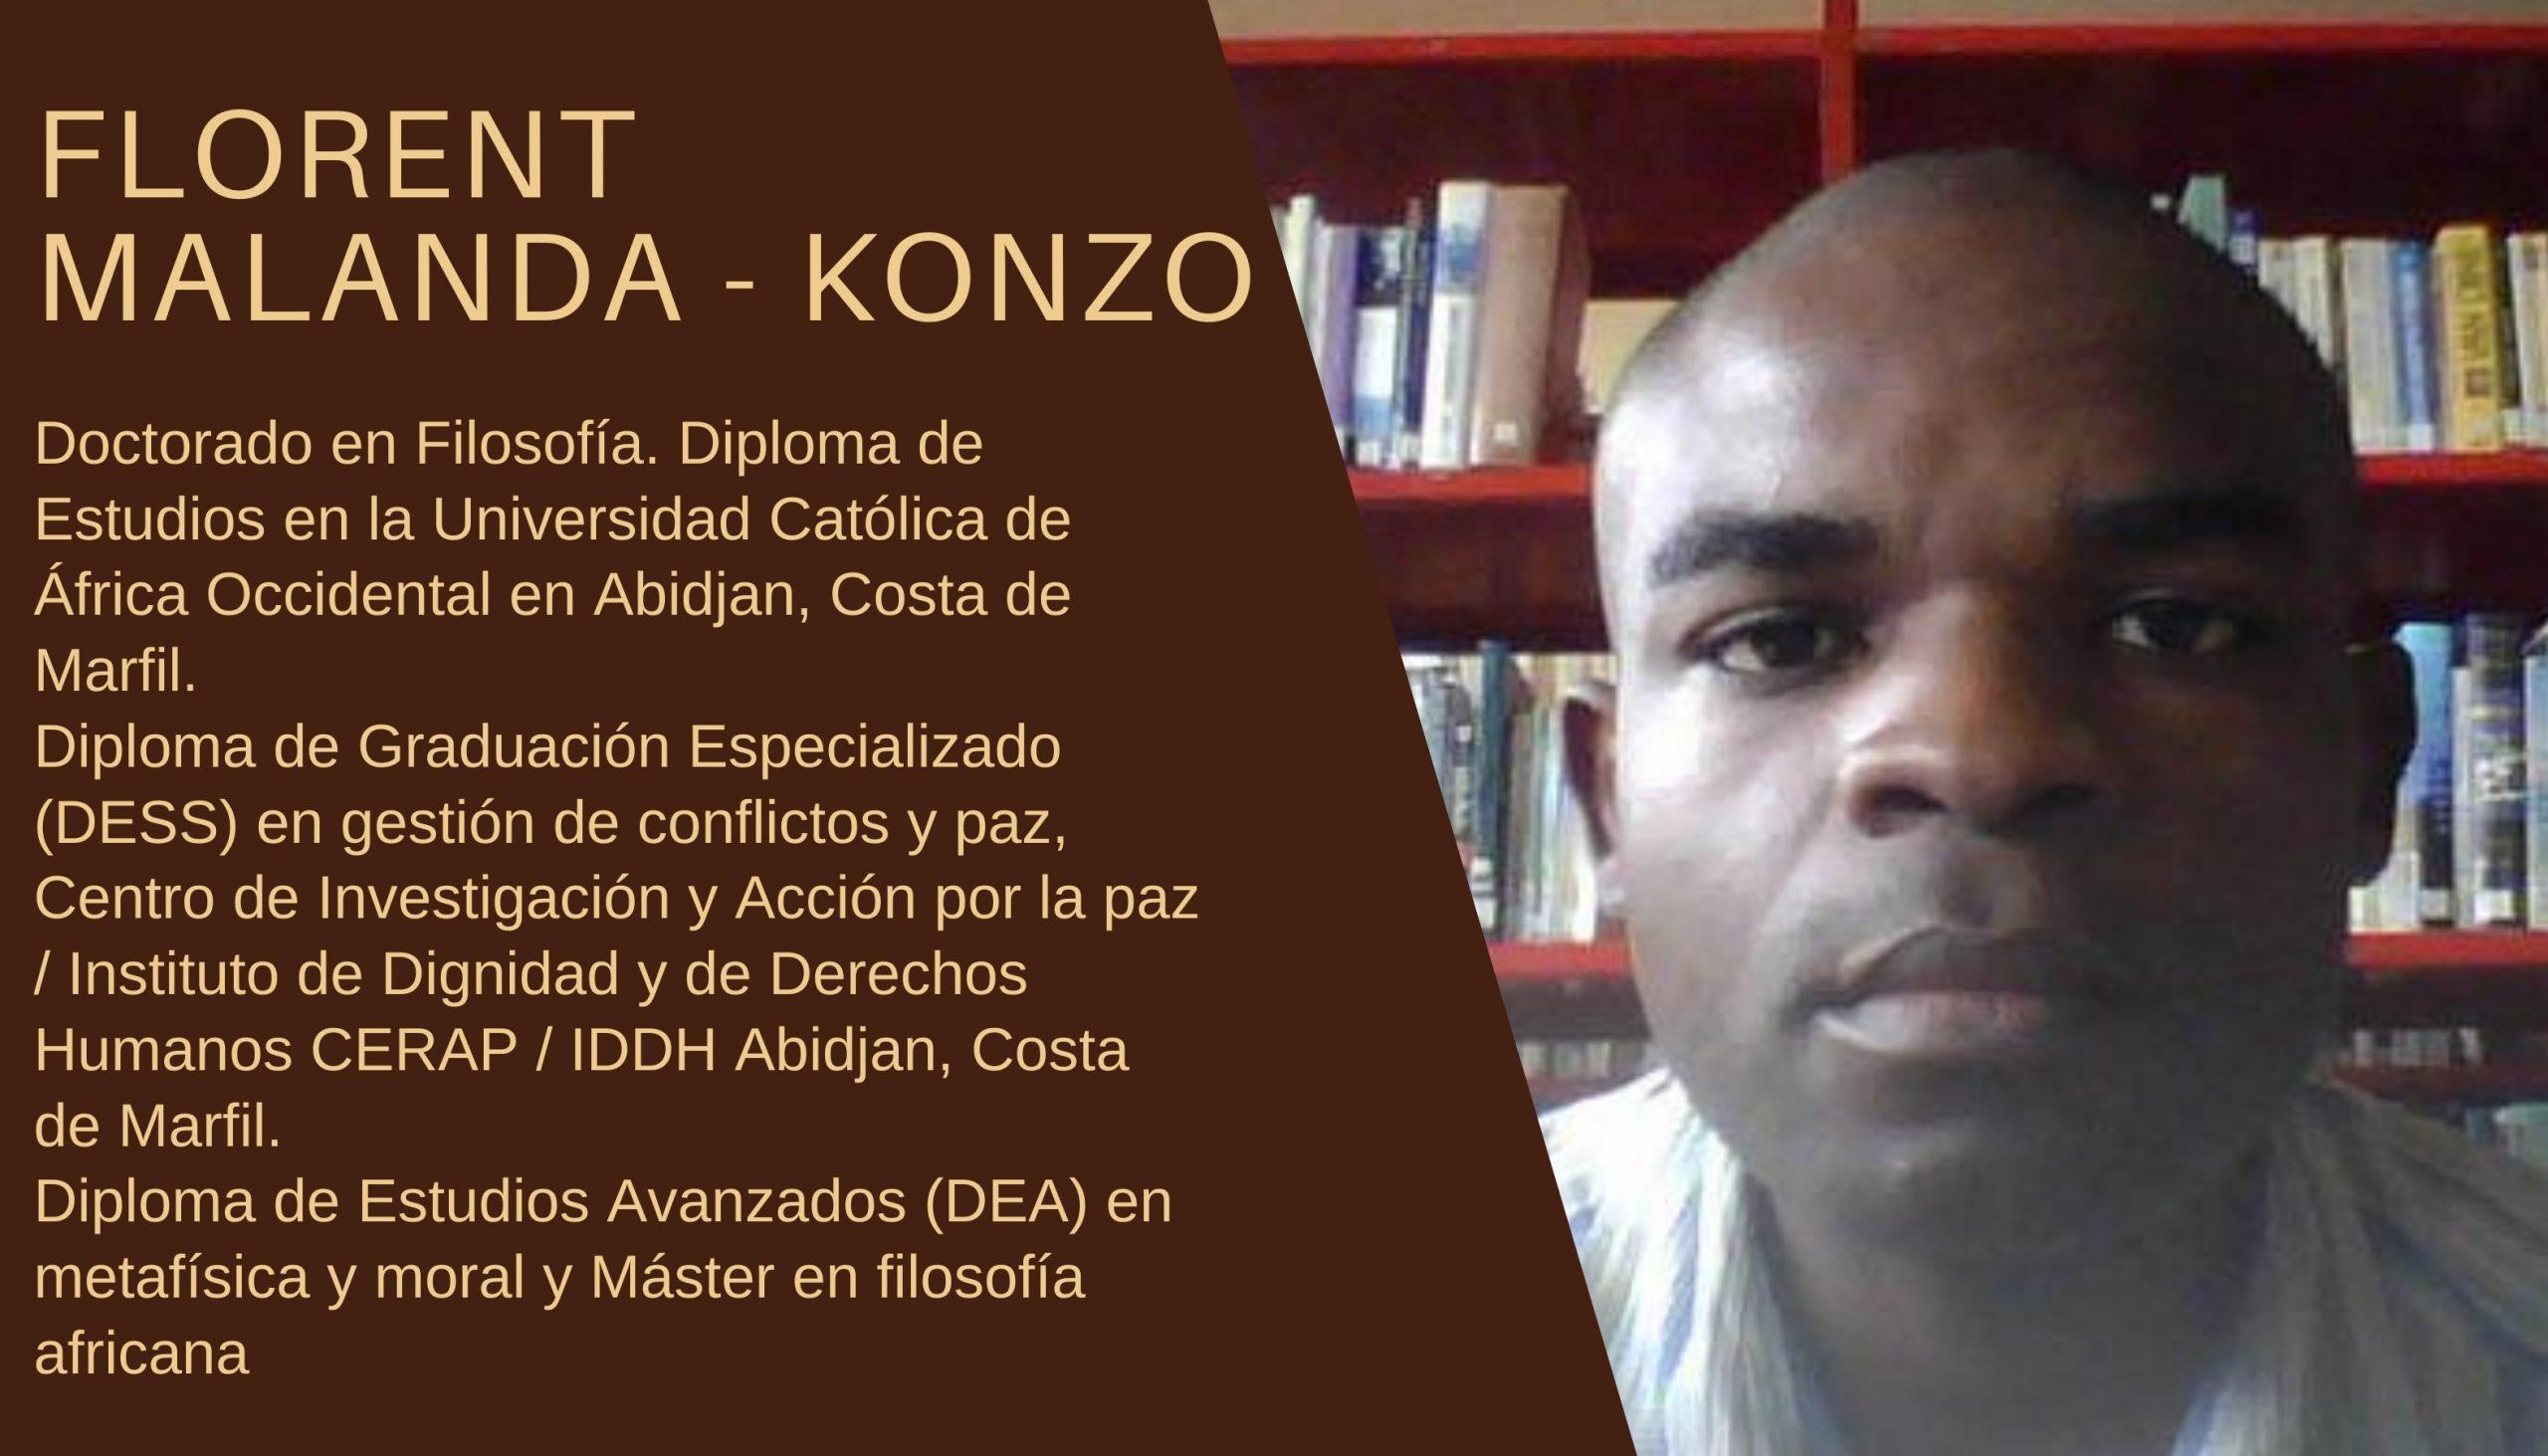 Florent_Malanda_Konzo_2_presentacion